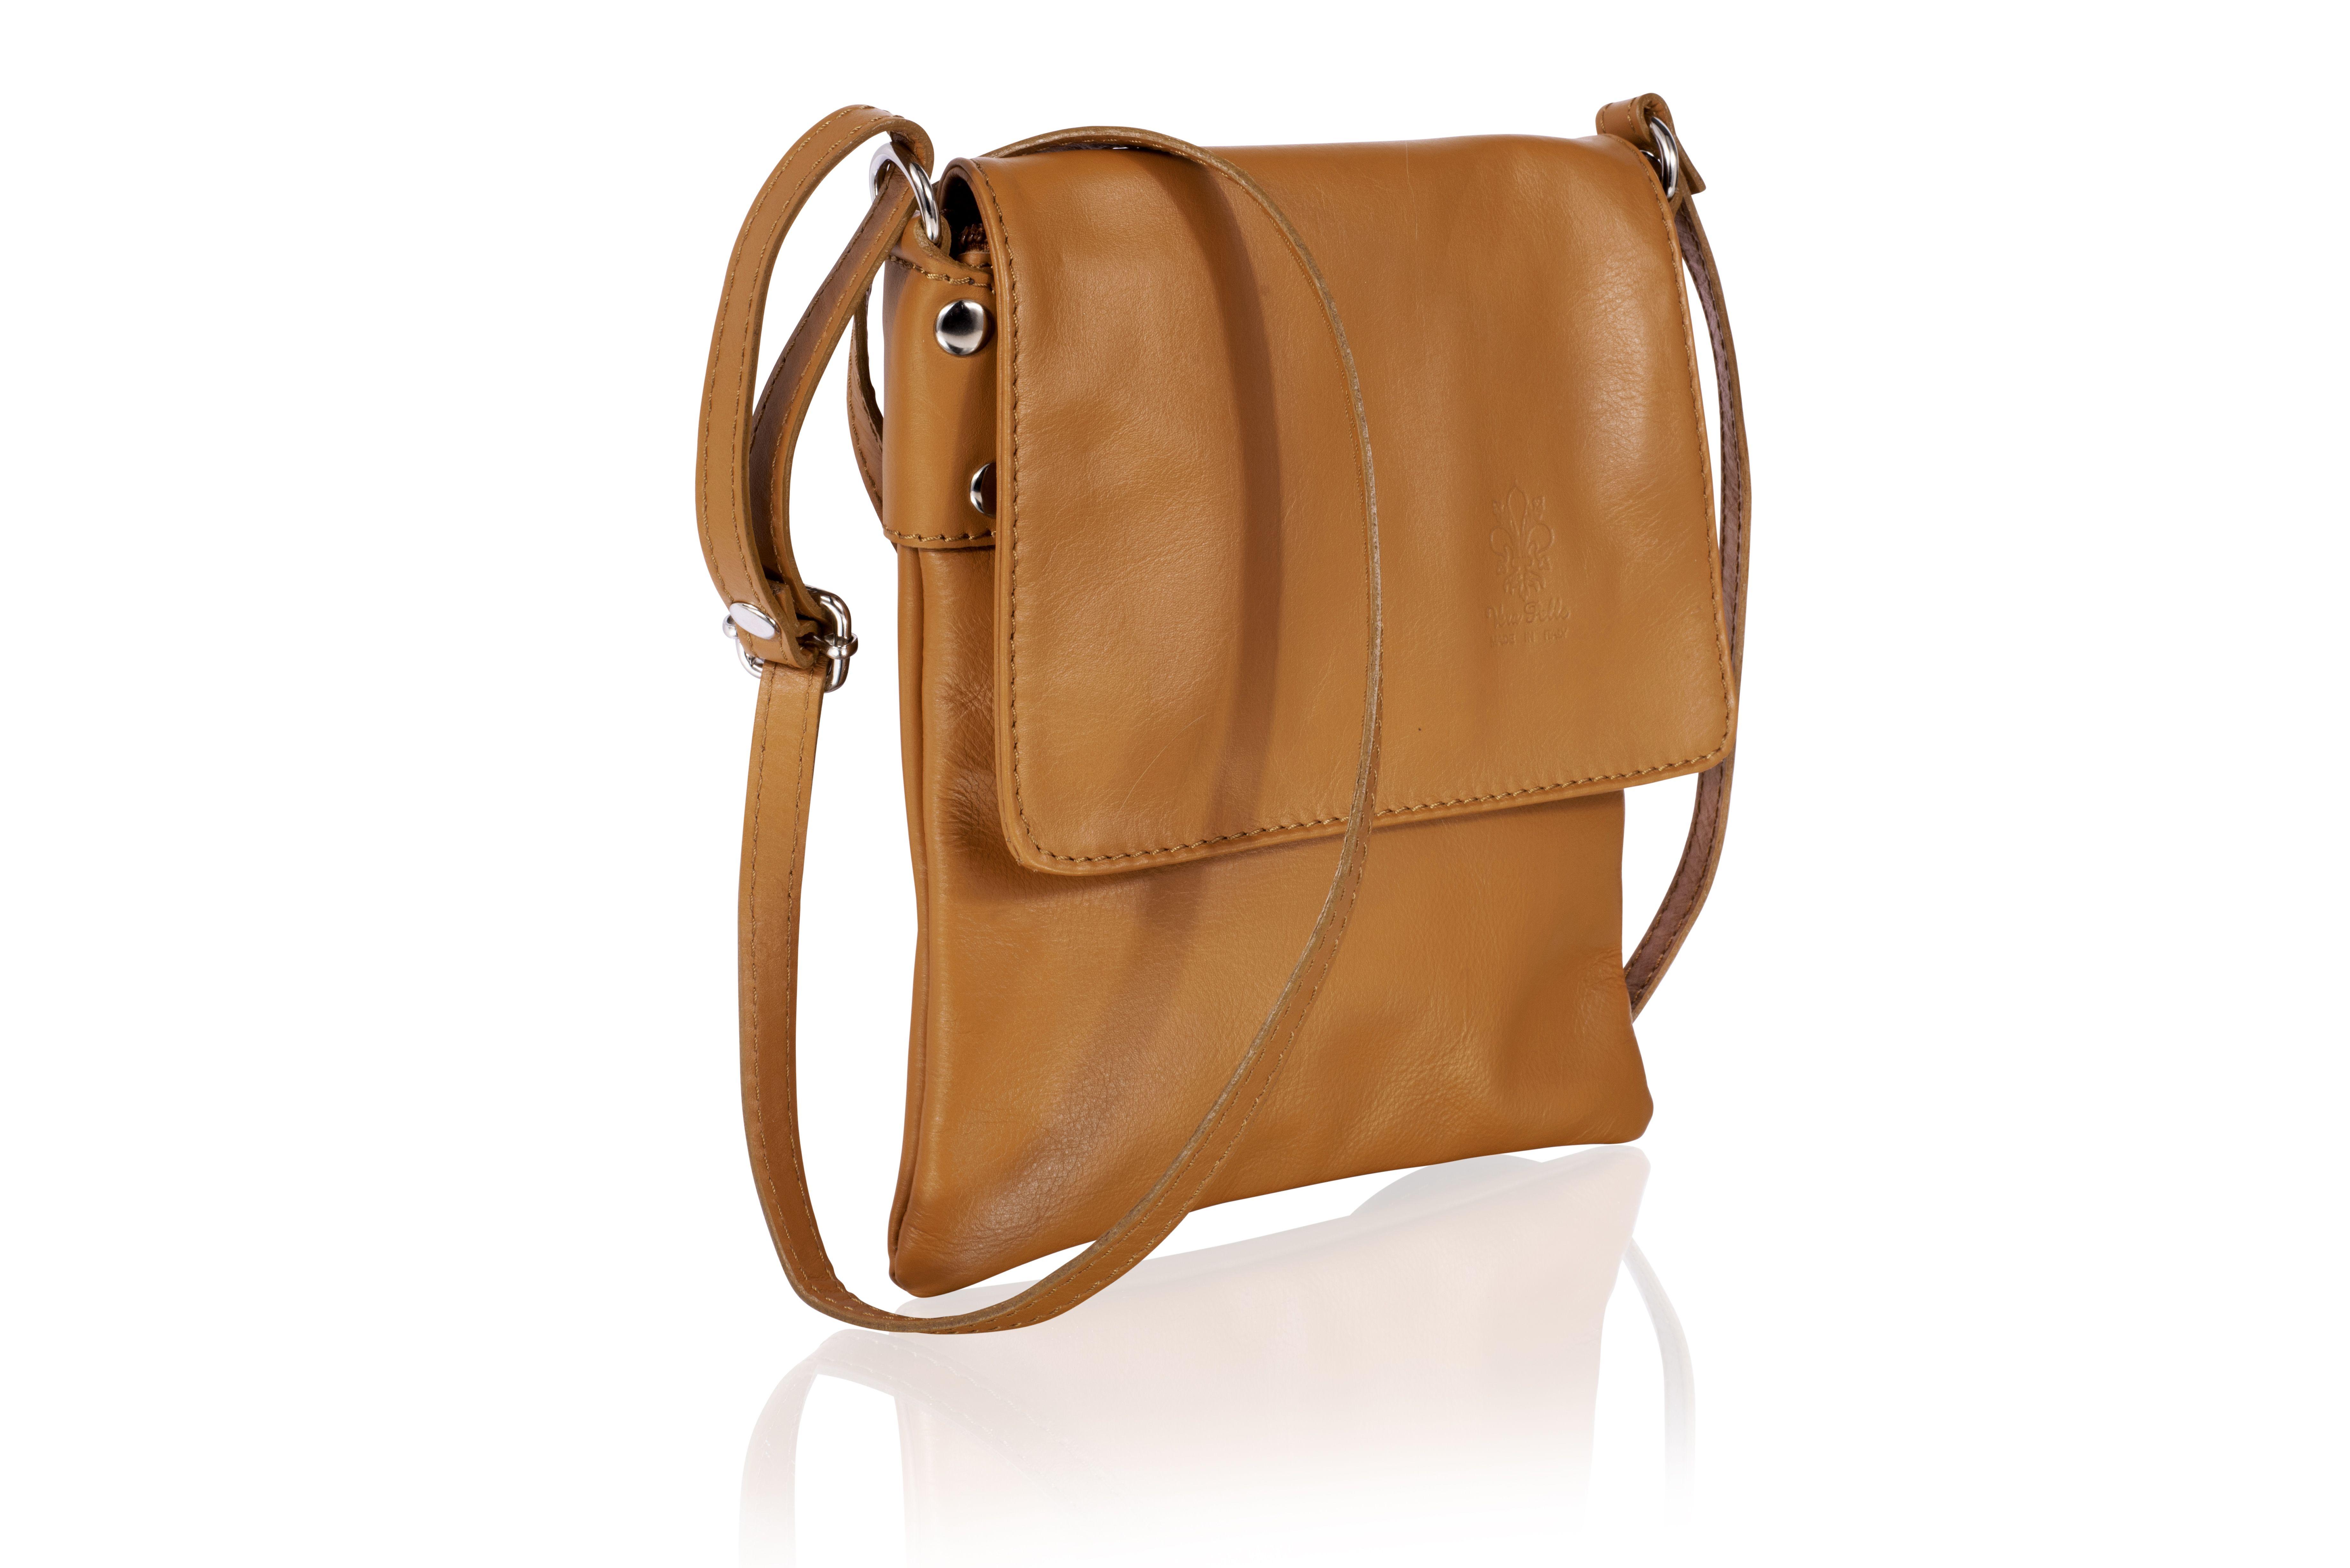 Woodland Leather Tan Genuine Italian Leather Ladies Bag